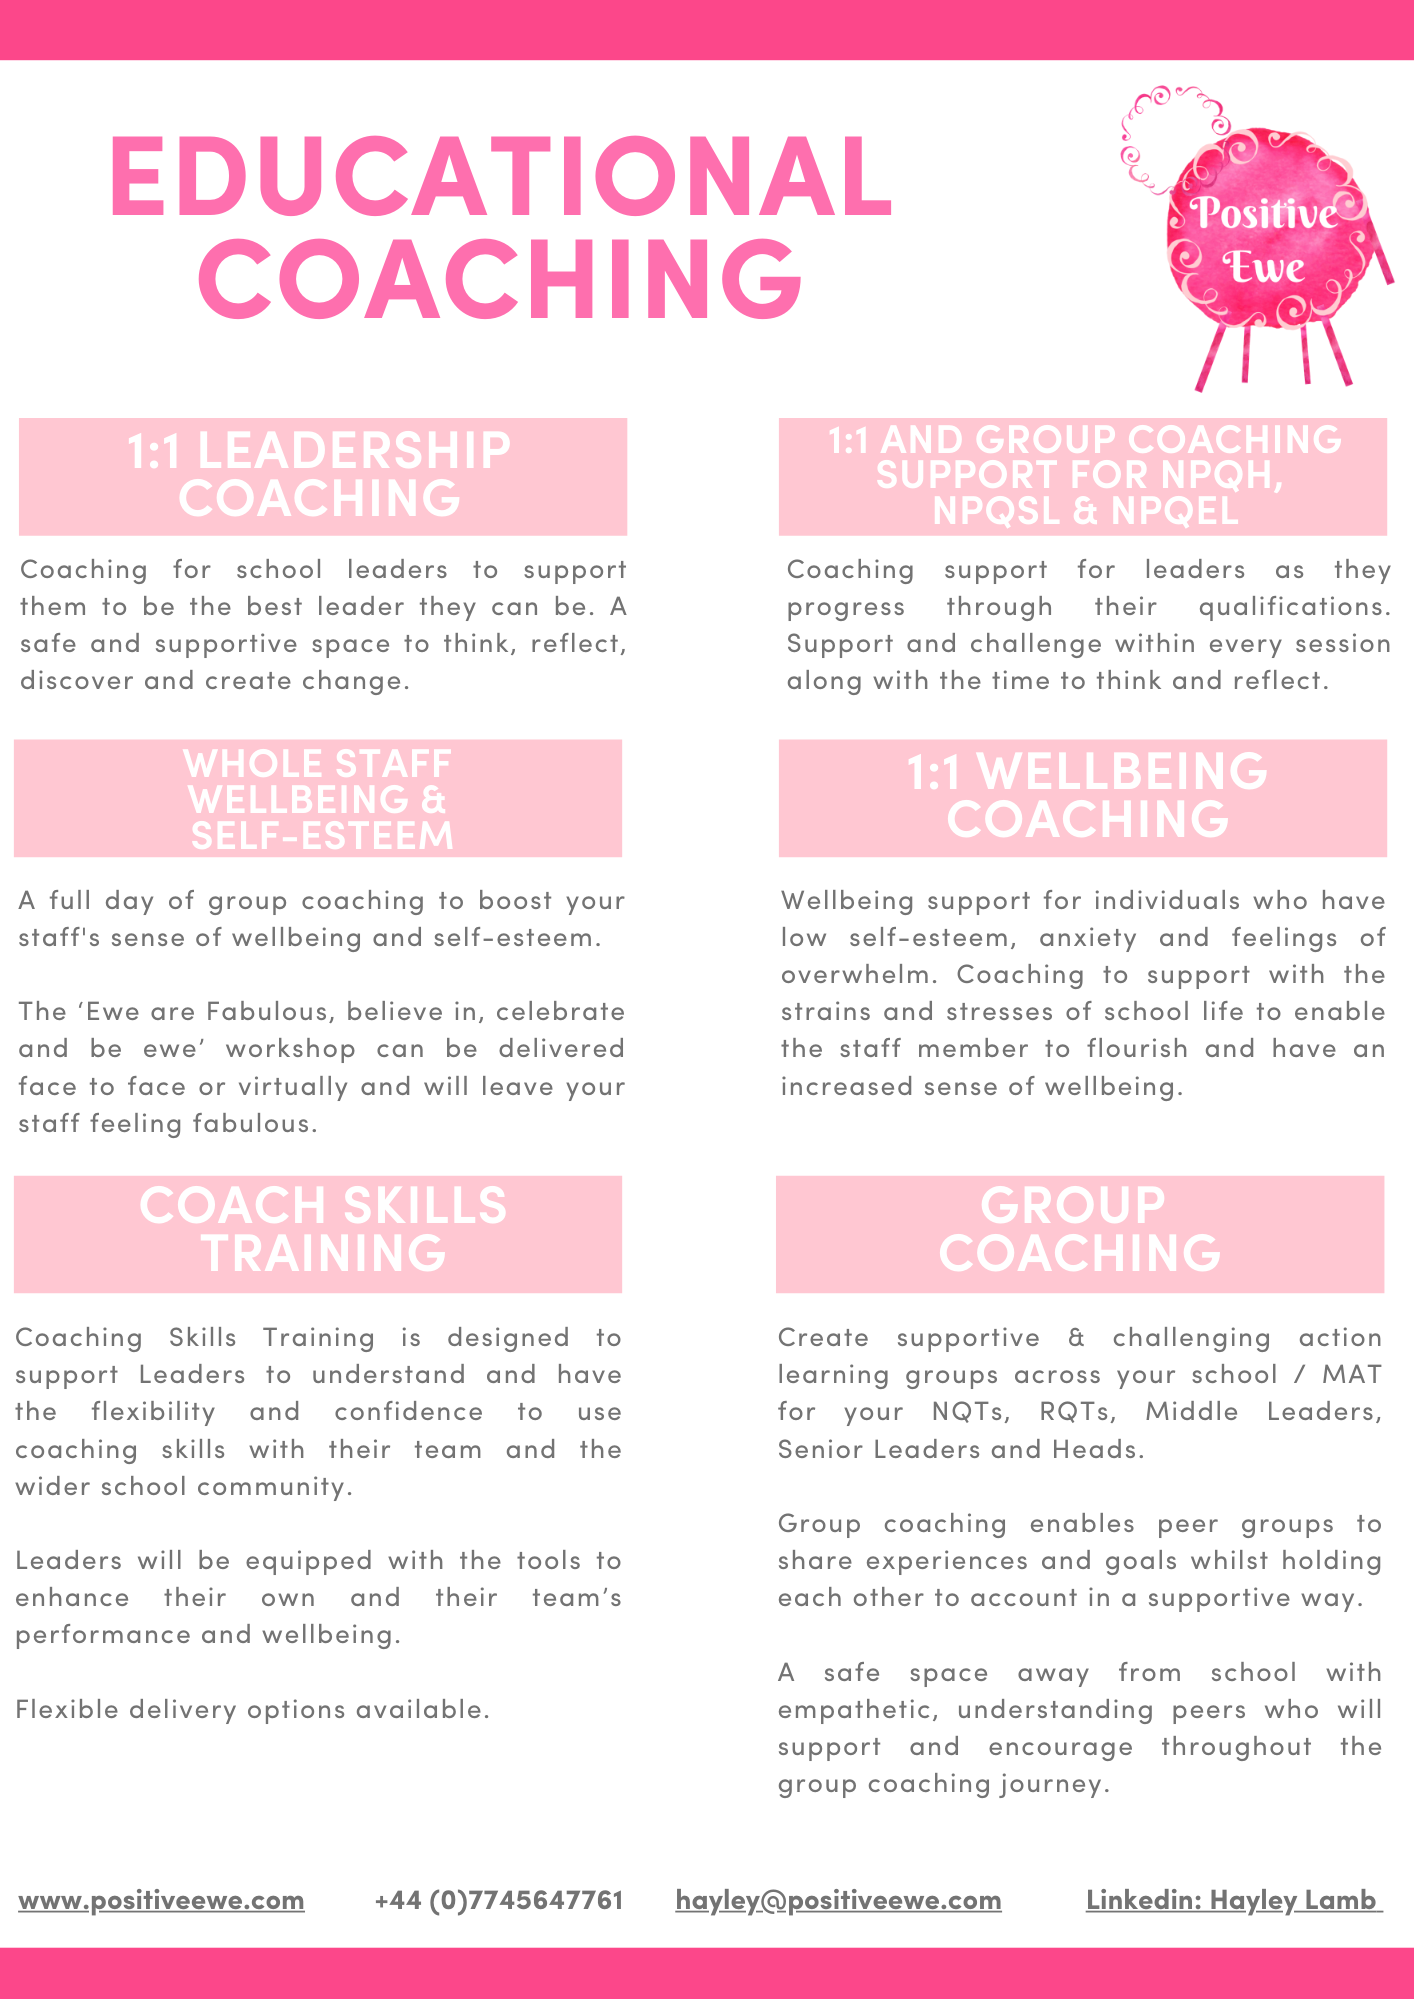 Positive Ewe Educational Coaching